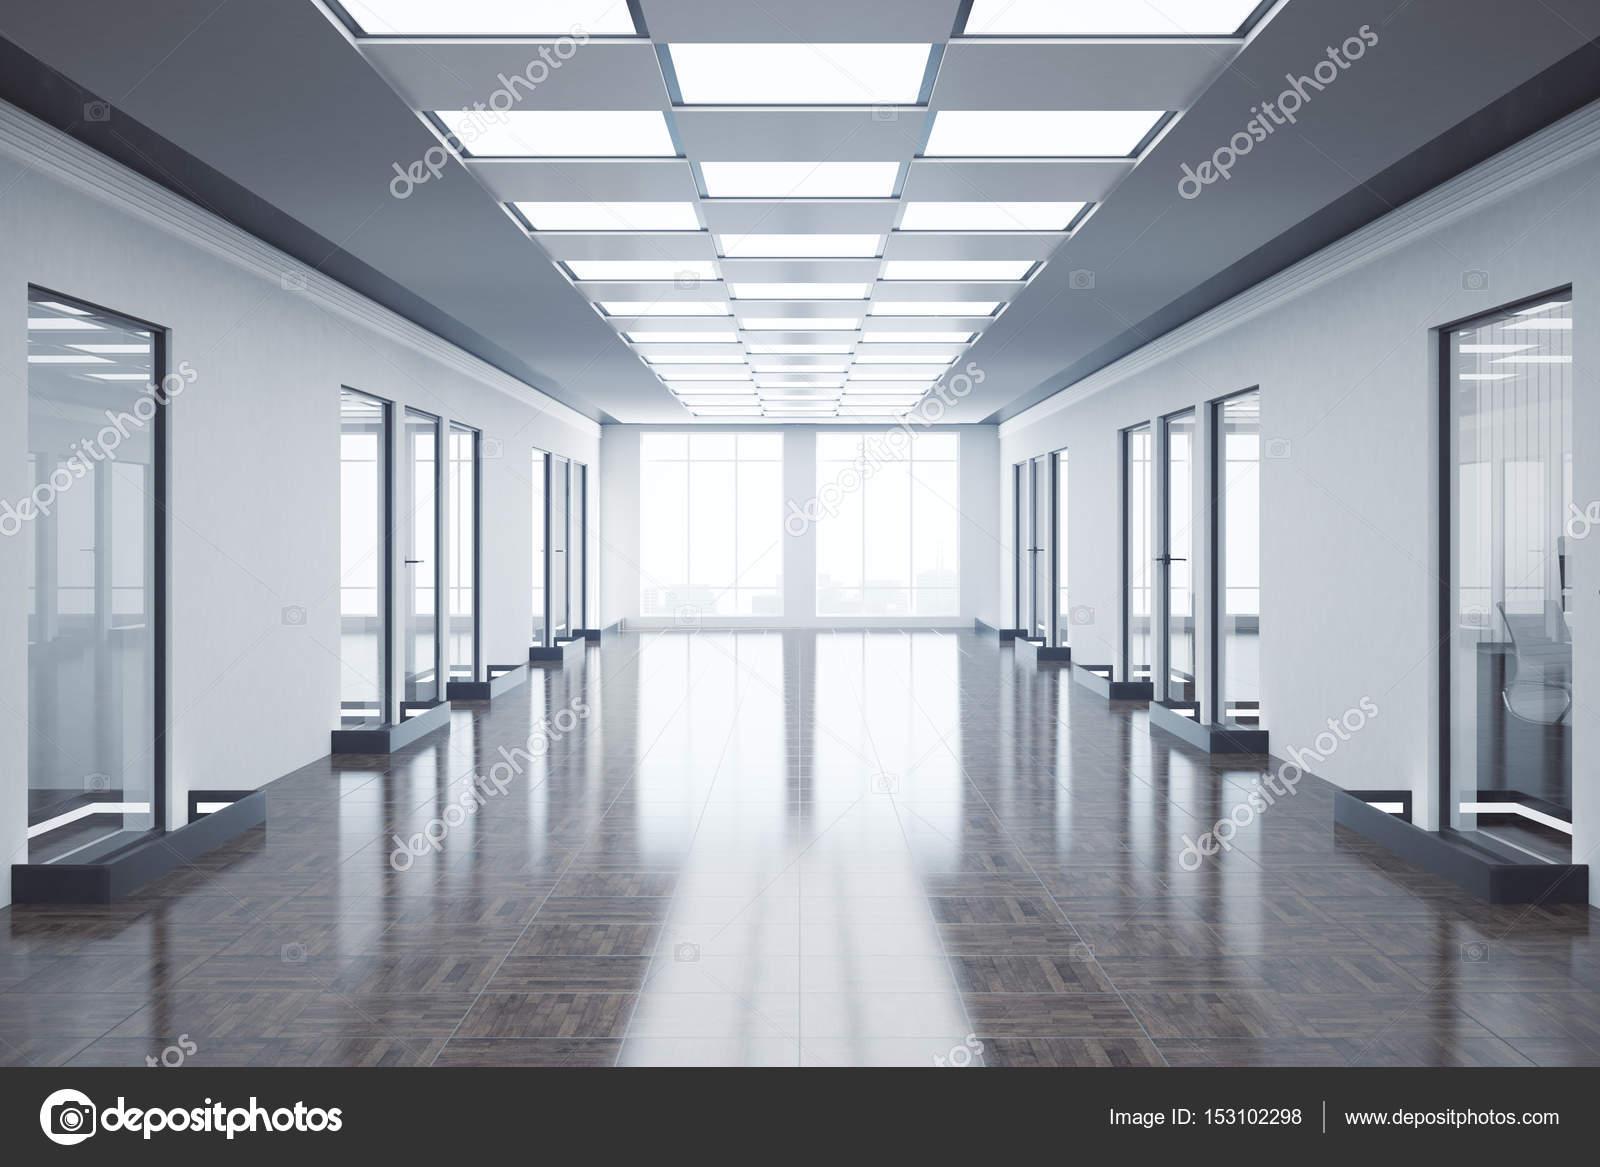 Pasillo de oficinas vac as fotos de stock peshkova for Oficinas enterprise